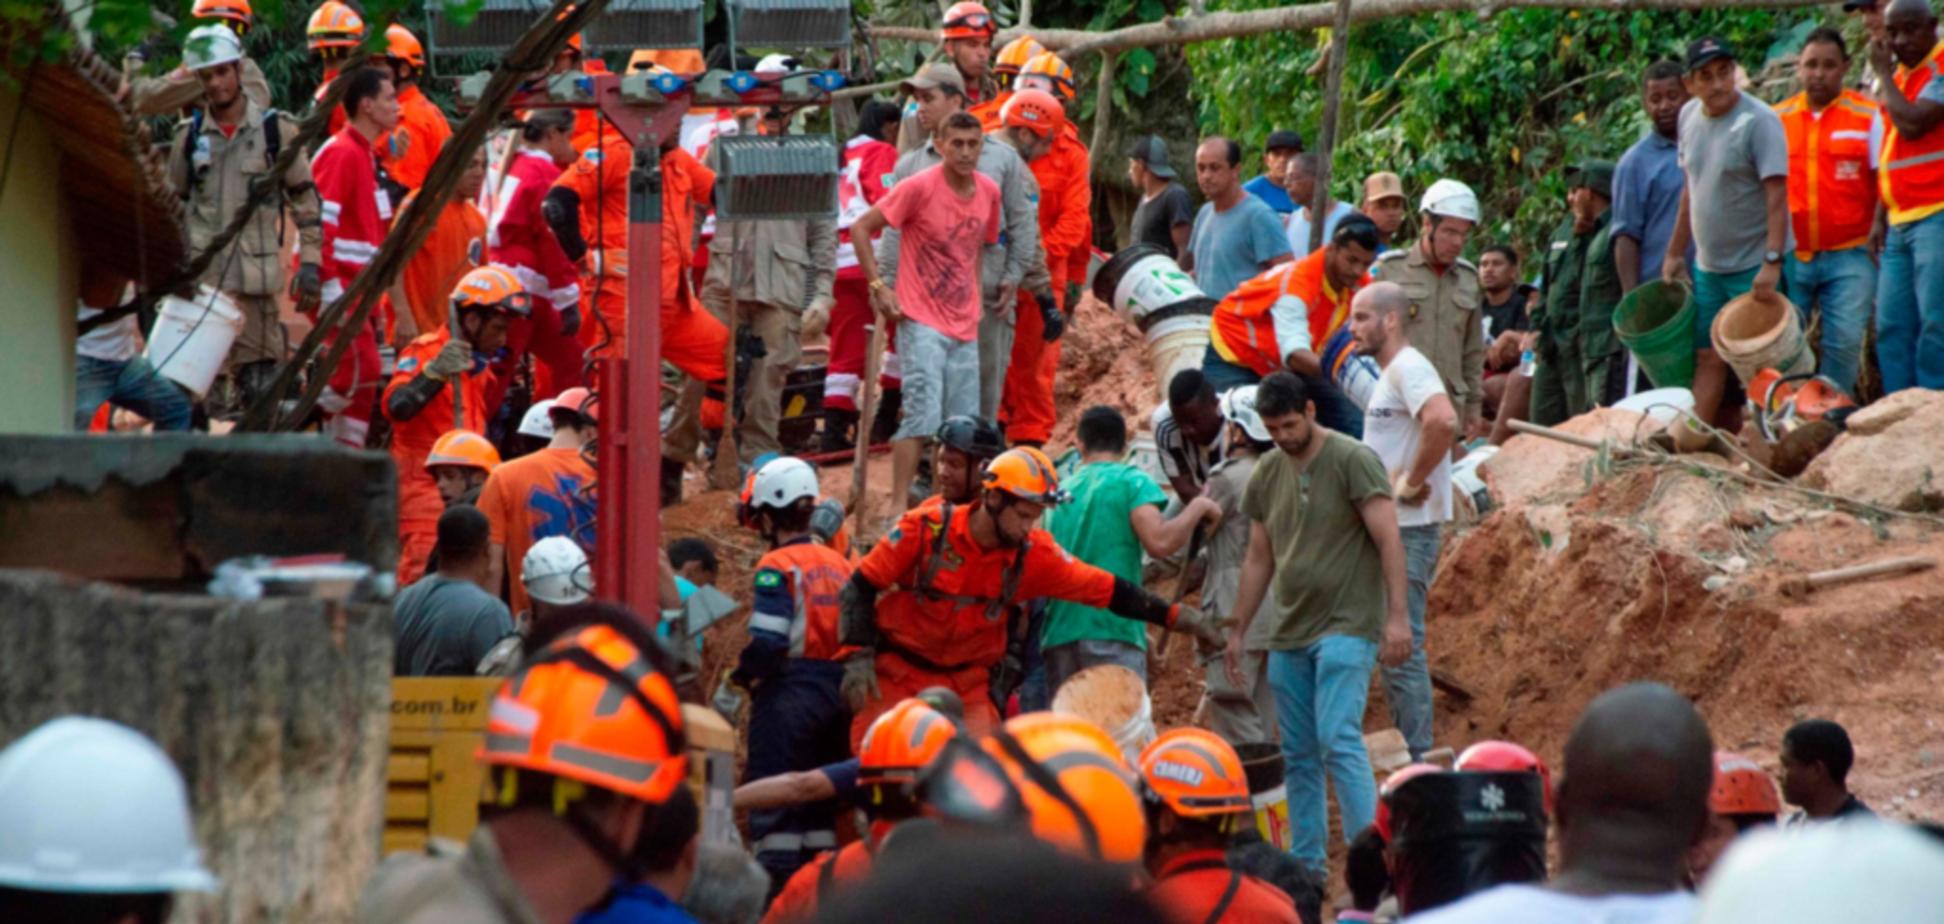 У Бразилії земля поховала людей живцем: загинули 14 осіб